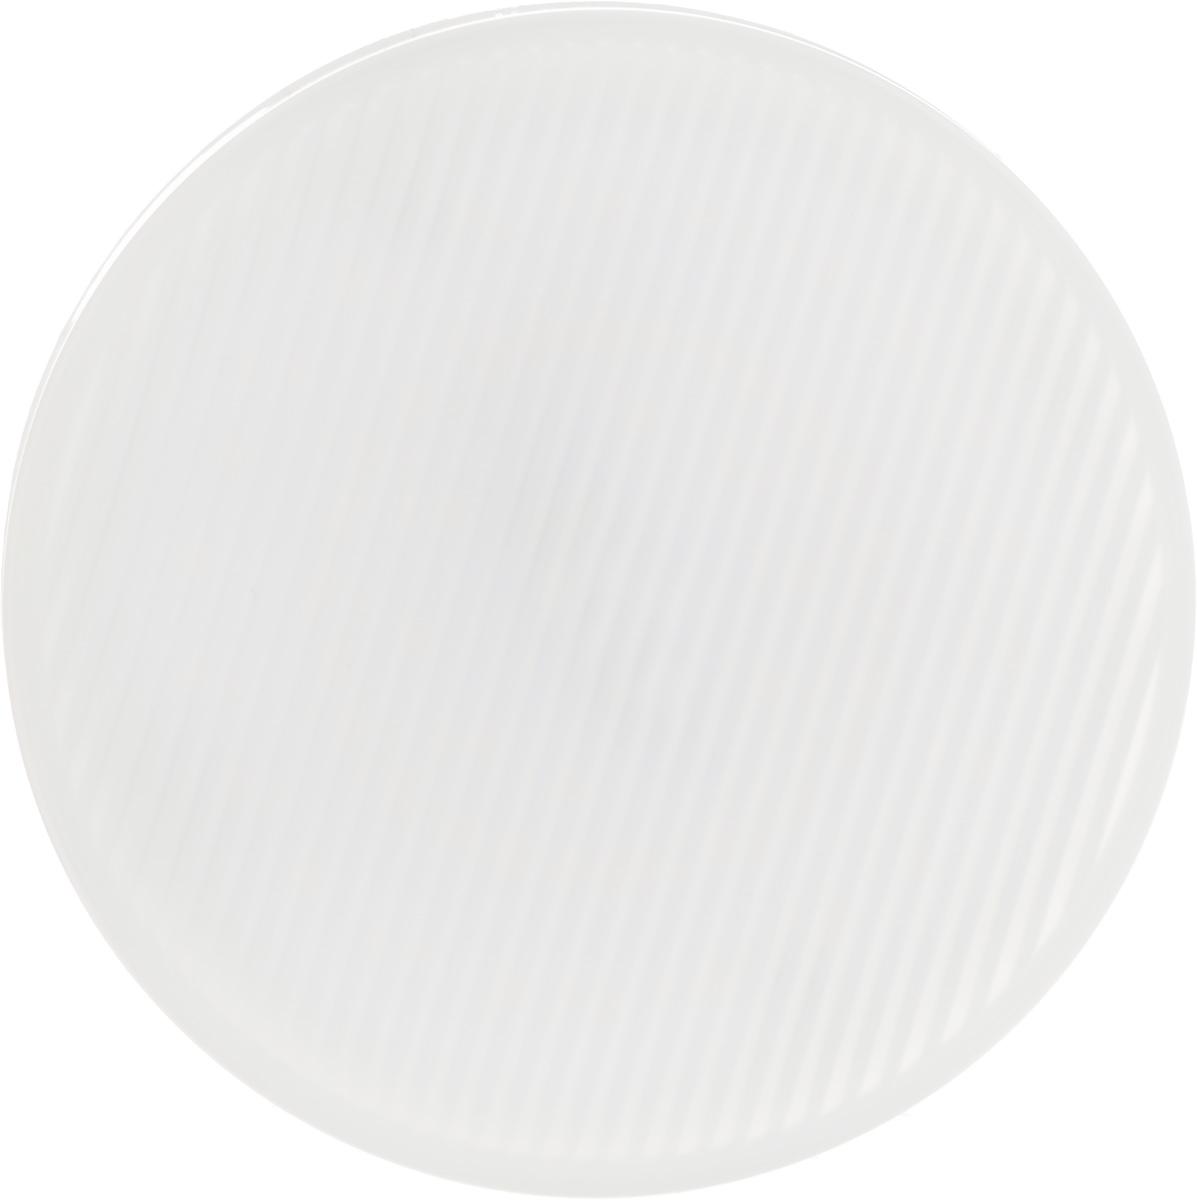 """Современные светодиодные лампы """"Essential LED"""" экономичны, имеют долгий срок службы и мгновенно загораются, заполняя комнату  светом. Лампа классической формы и высокой яркости позволяет создать уютную и приятную обстановку в любой комнате вашего дома. Светодиодные лампы потребляют на 86 % меньше электроэнергии, чем обычные лампы накаливания, излучая при этом привычный и приятный  теплый свет. Срок службы светодиодной лампы """"Essential LED"""" составляет до 15 000 часов, что соответствует общему сроку службы  пятнадцати ламп накаливания. Благодаря чему менять лампы приходится значительно реже, что  сокращает количество отходов. Напряжение: 220-240 В.  Световой поток: 500 lm. Эквивалент мощности в ваттах: 40 Вт."""